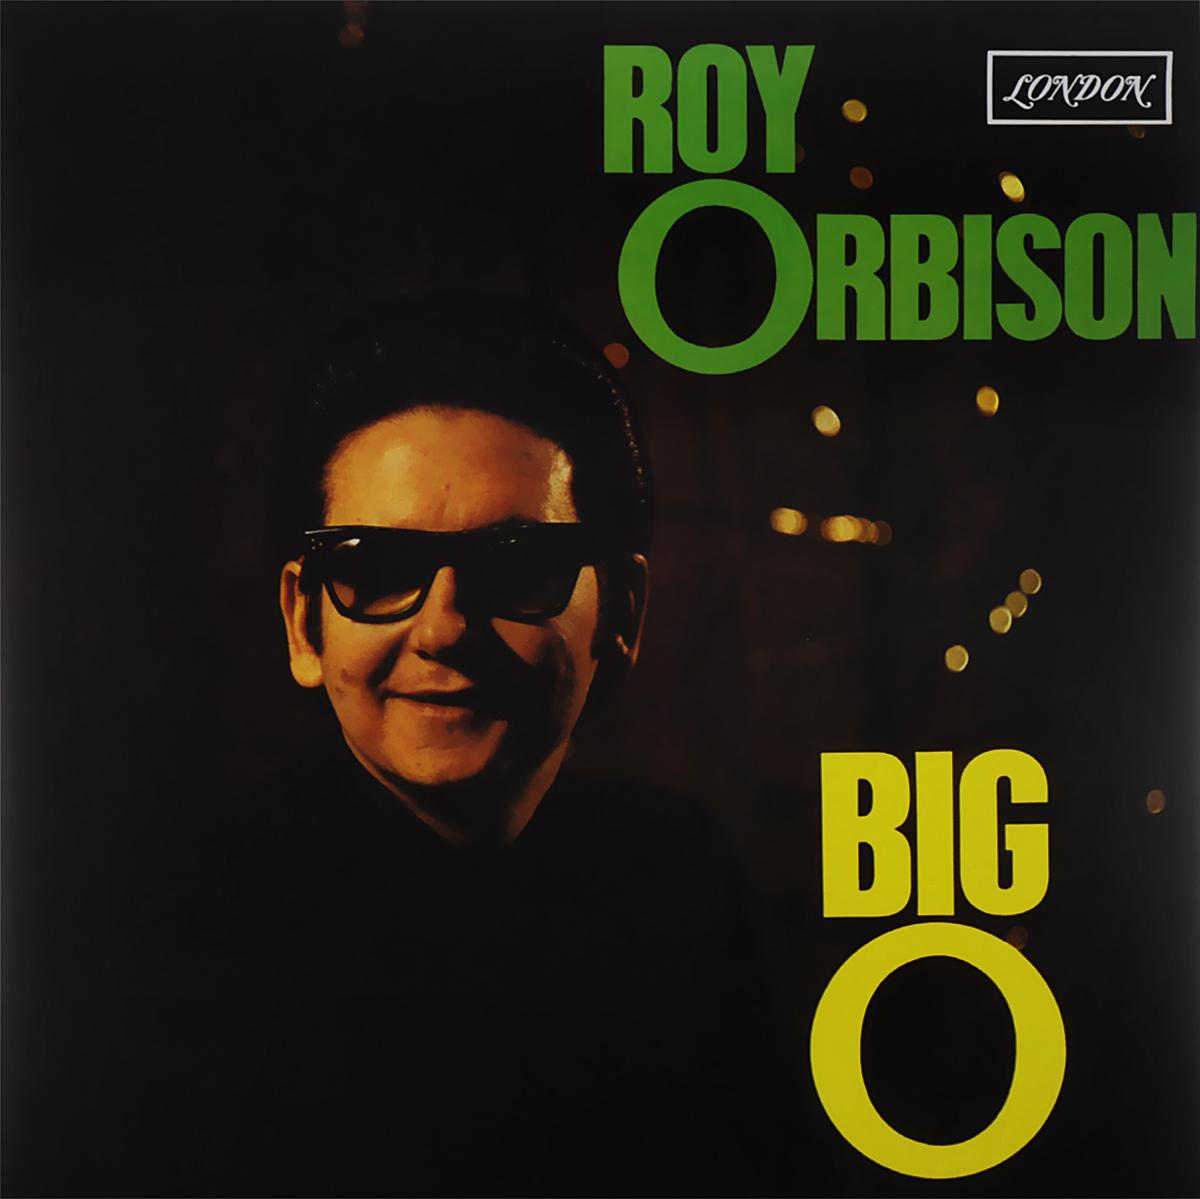 Рой Орбисон Roy Orbison. Big O (LP) рой эйрс roy ayers ubiquity lifeline lp